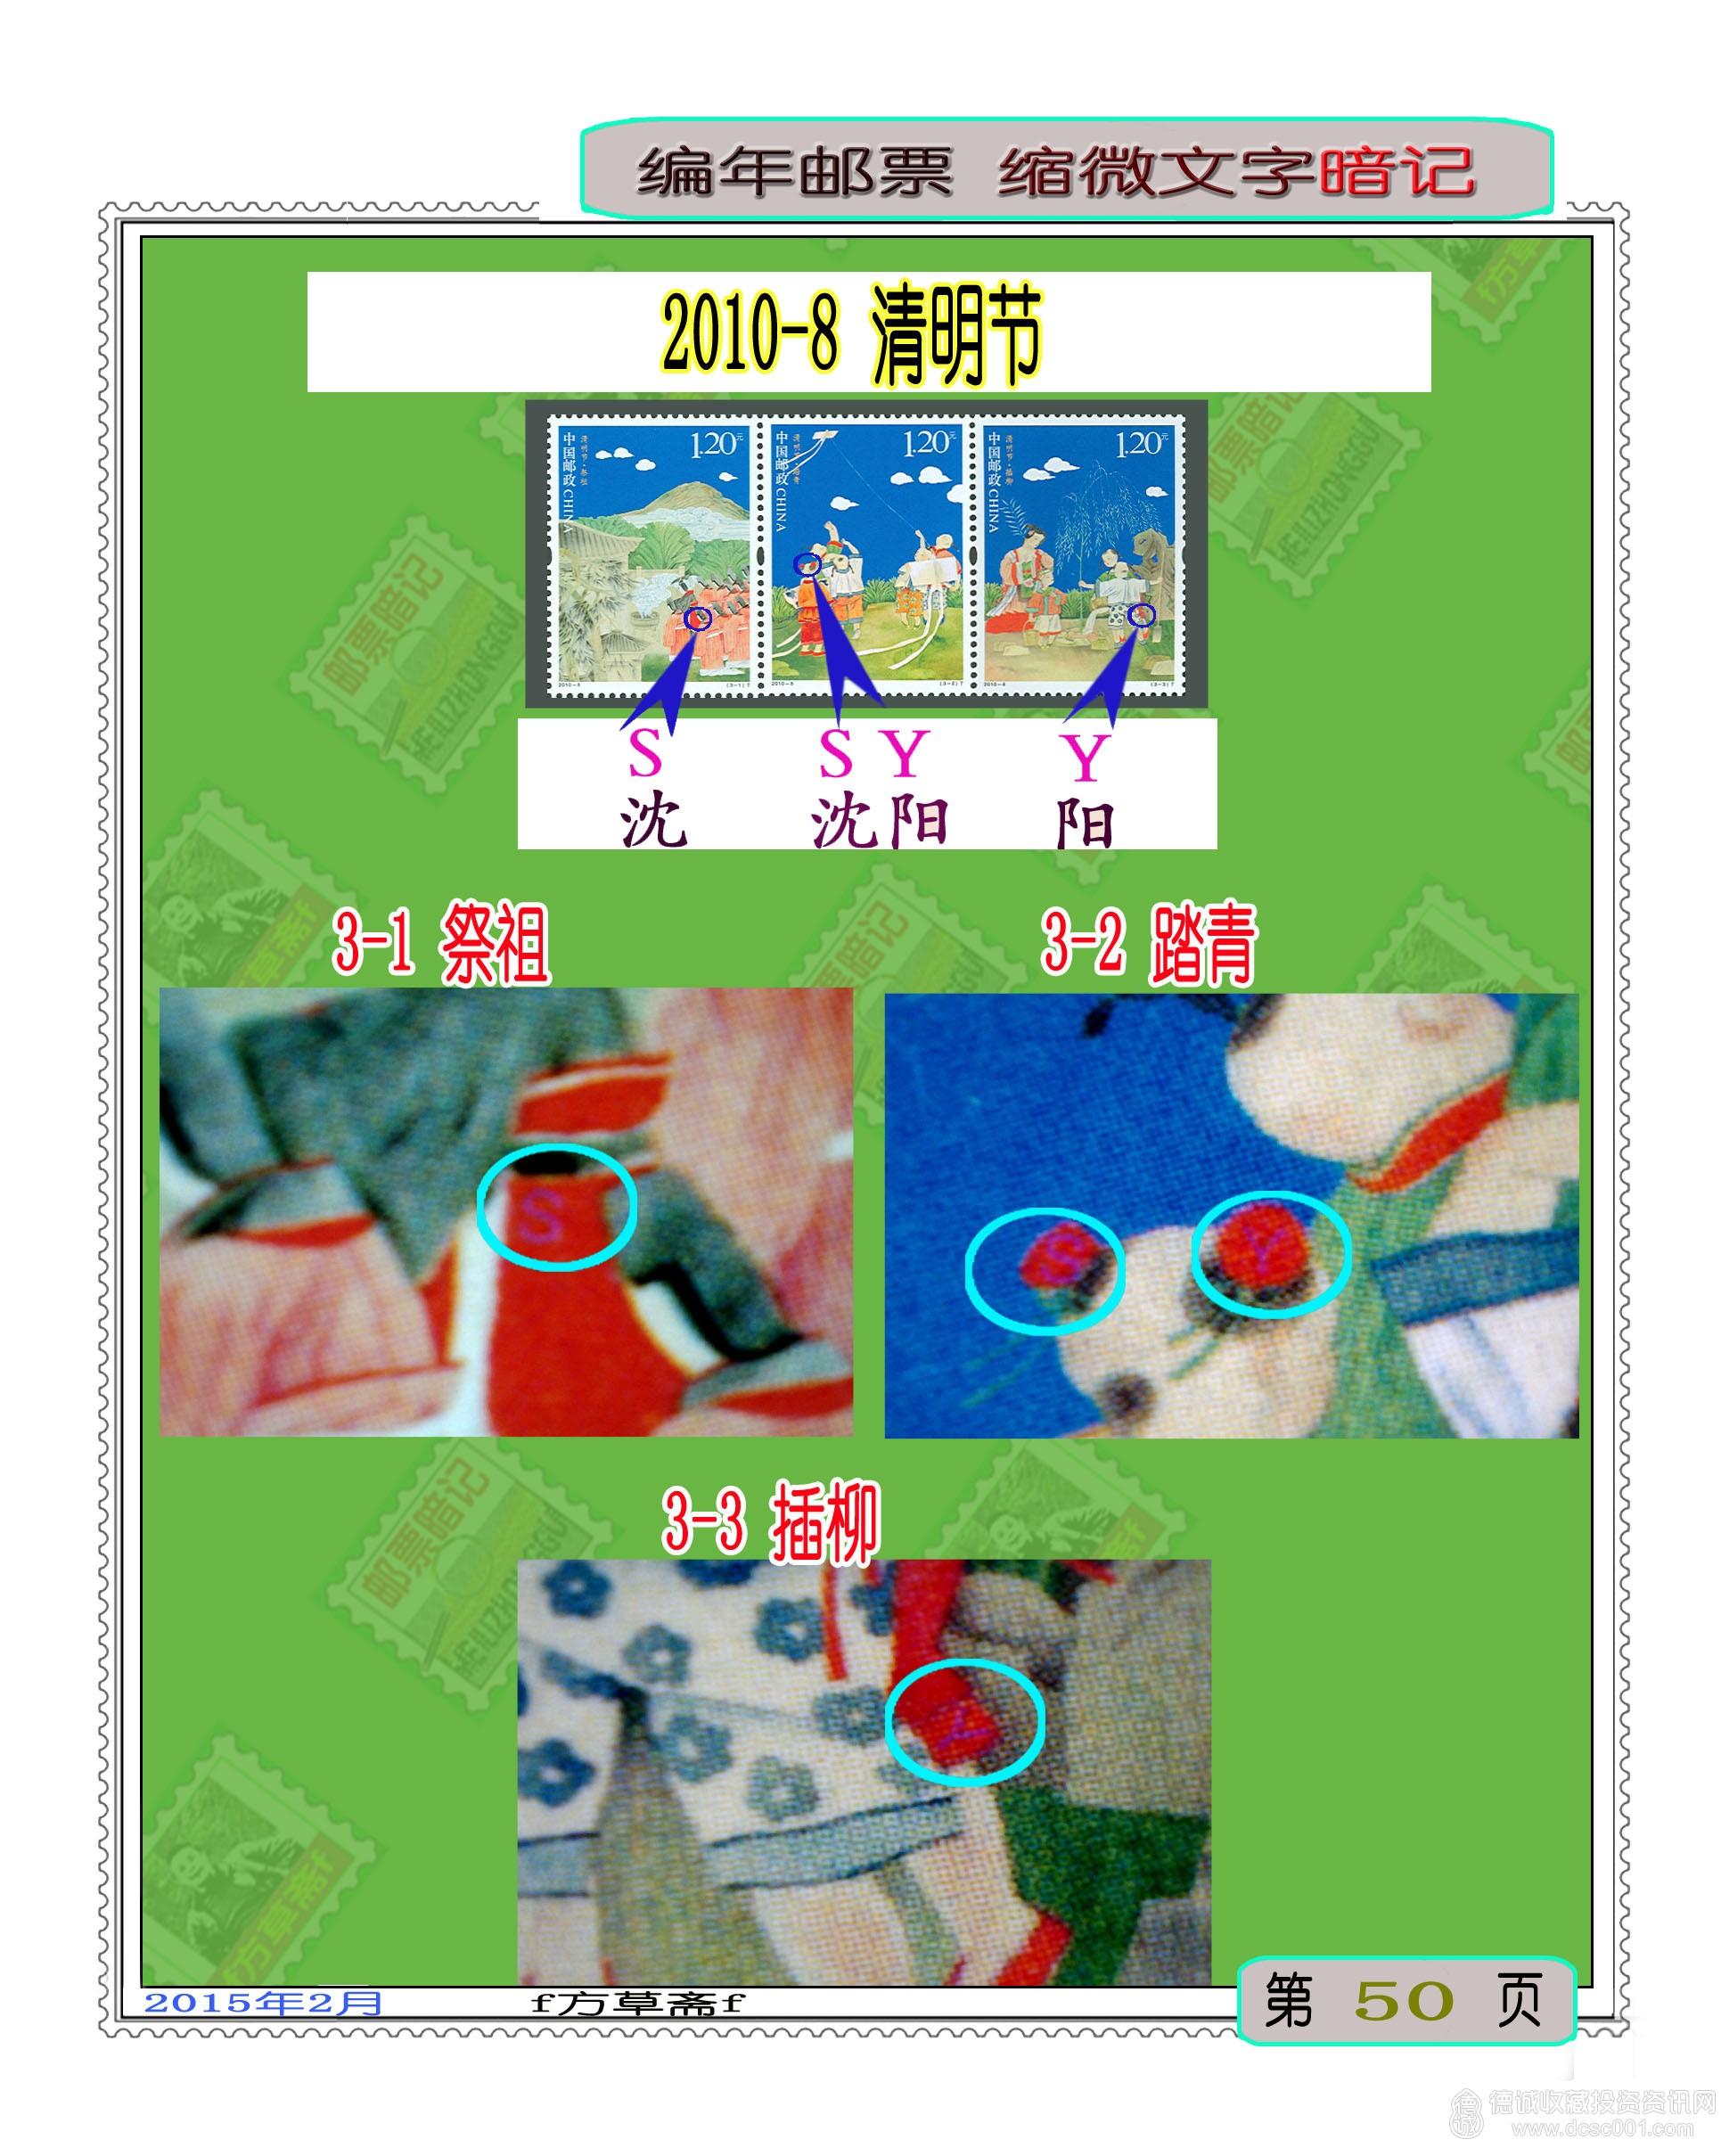 2010-8 清明节.jpg